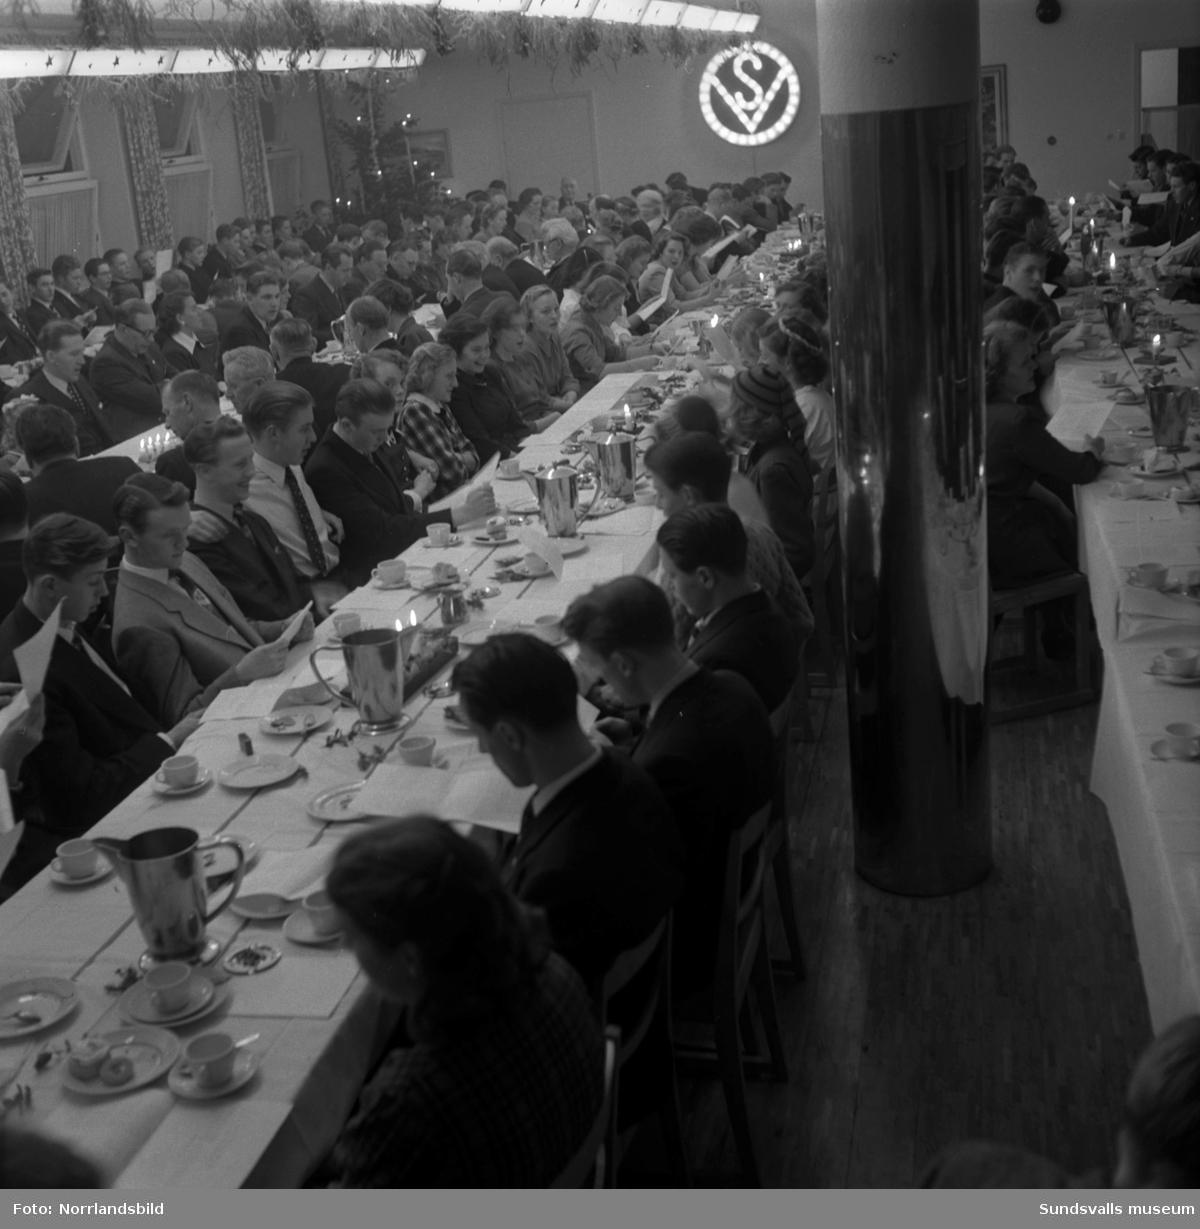 Verkstadsskolans luciafirande 1950. På första bilden ses från vänster: okänd, Britt Marie Johansson, Majlis Näsholm, Britt Karlsson, lucian Iris Oskarsson, Ingrid Gillström, Ulla Britt Olsson, Signe Nyström, okänd, okänd.